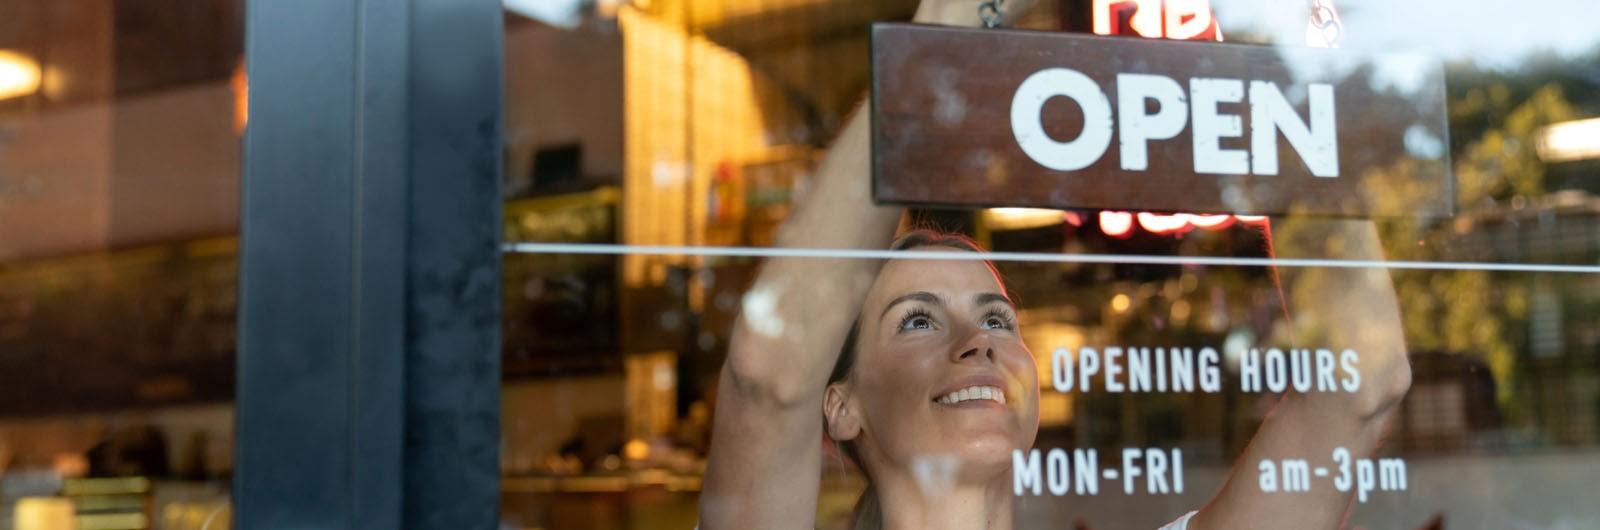 Solusi Mudah Memulai Bisnis Klinik Kecantikan yang Menjanjikan image